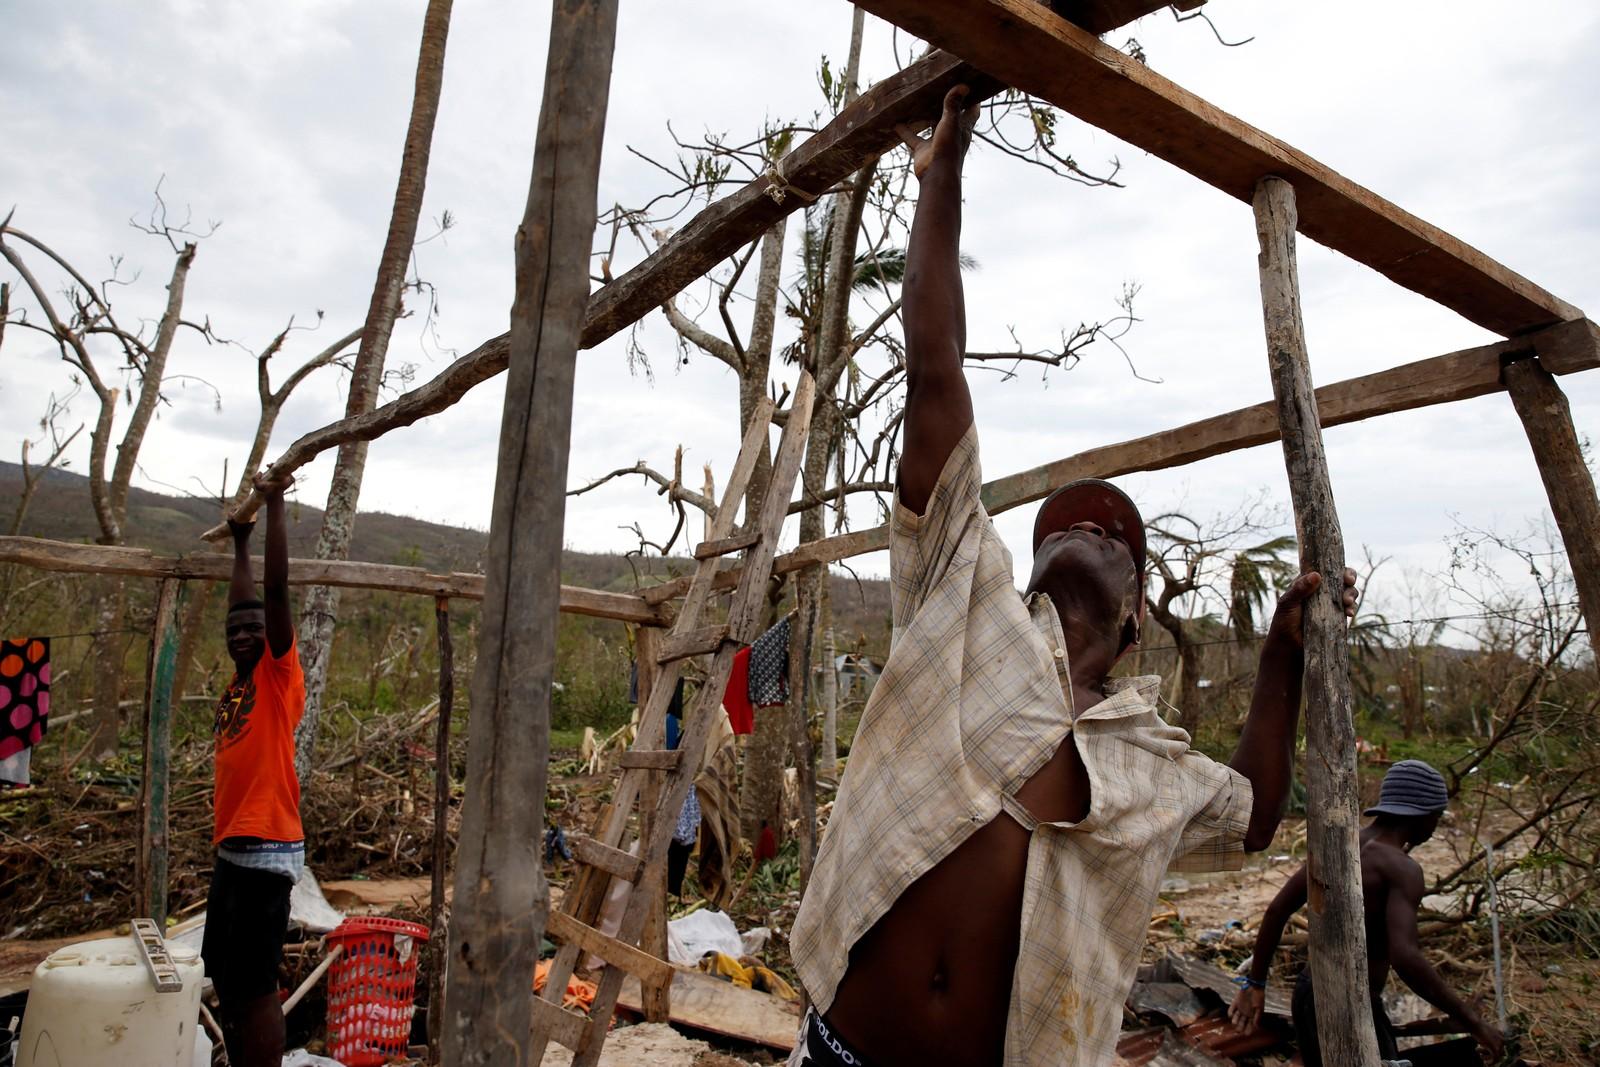 Haiti har flere ganger vært rammet av voldsomme naturkatastrofer. Mange bodde fortsatt i leirer etter det dødelige 2010-skjelvet der 230.000 mistet livet.